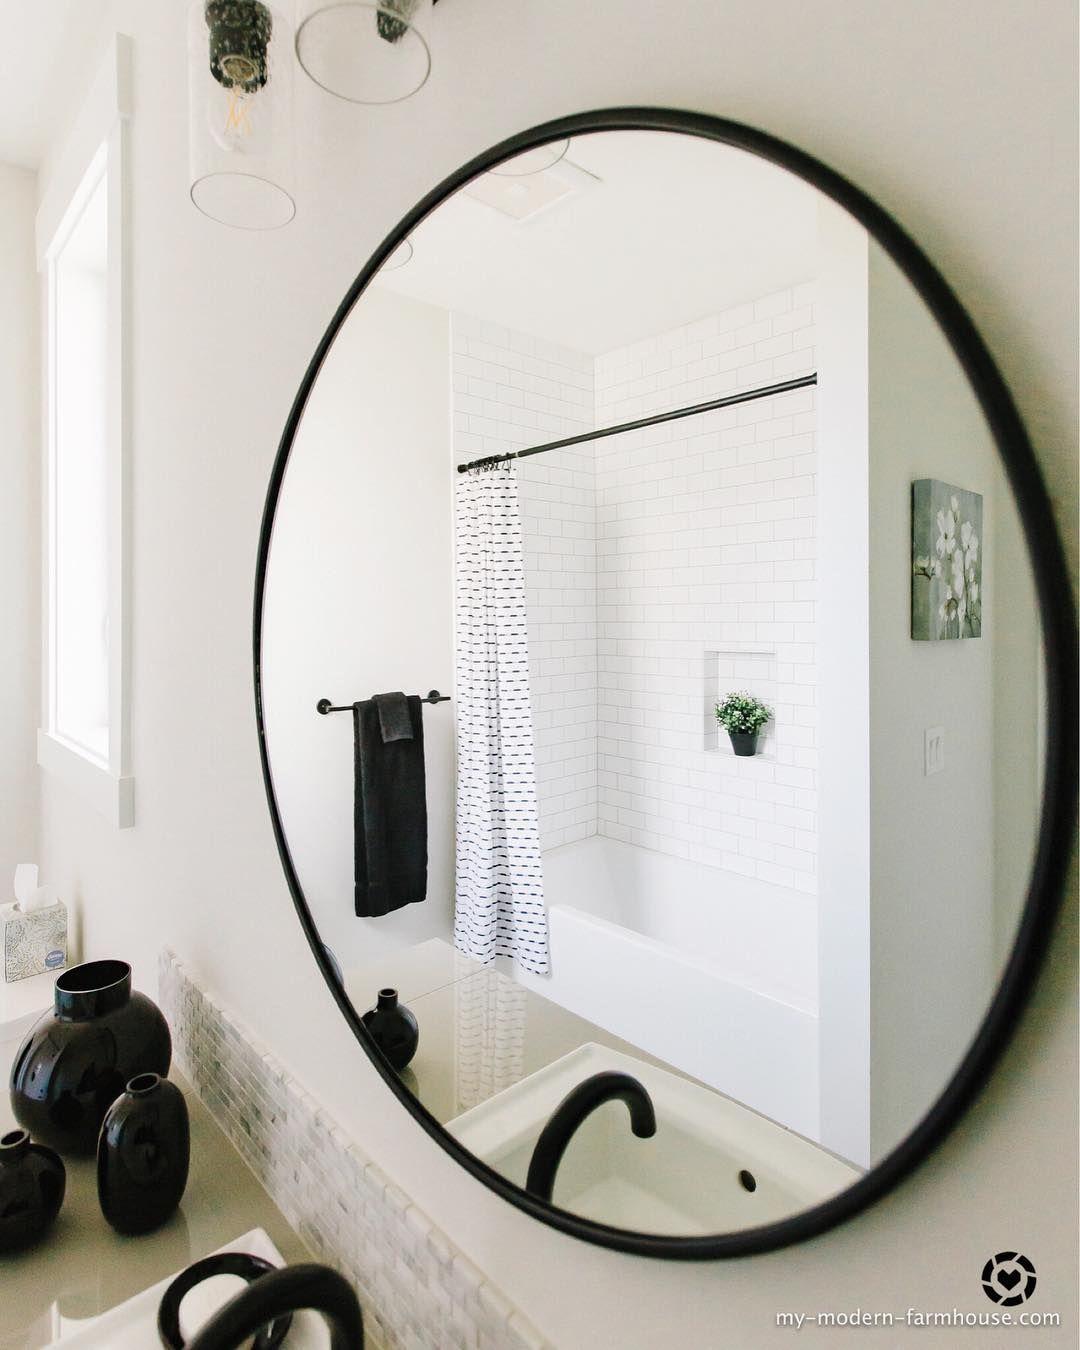 Modern Farmhouse Bathroom Bathroom Design Inspiration Modern Farmhouse Bathroom Bathroom Design [ 1350 x 1080 Pixel ]